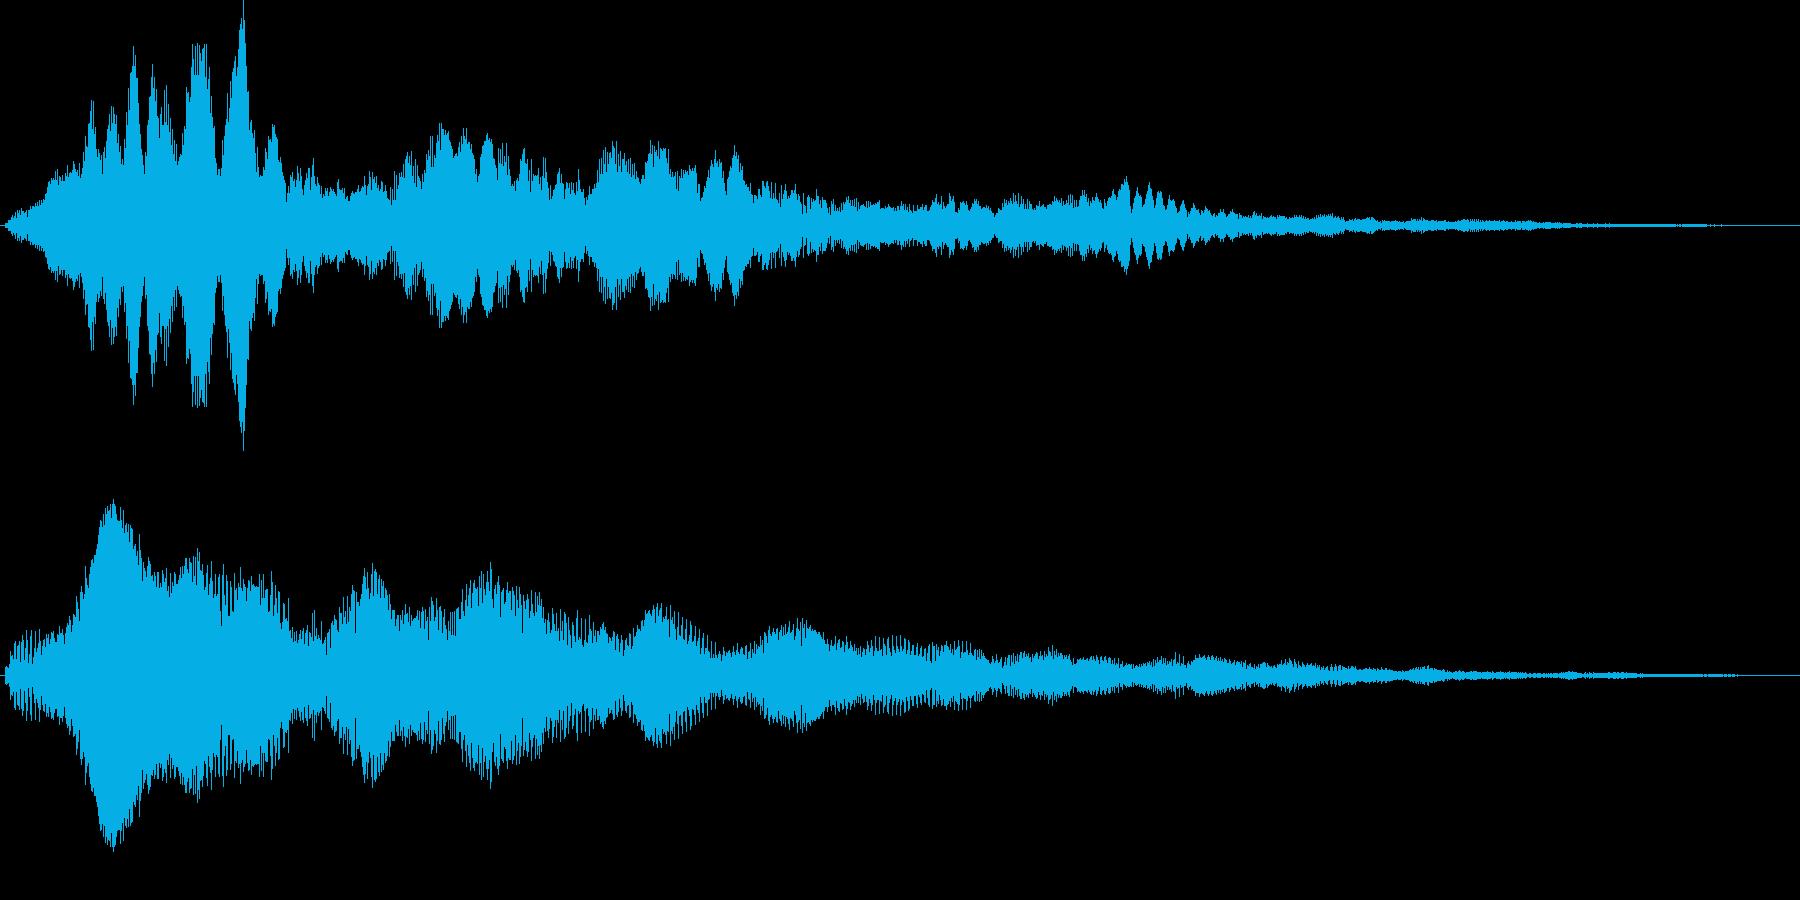 キラリラーン キラキラ系サウンドロゴの再生済みの波形